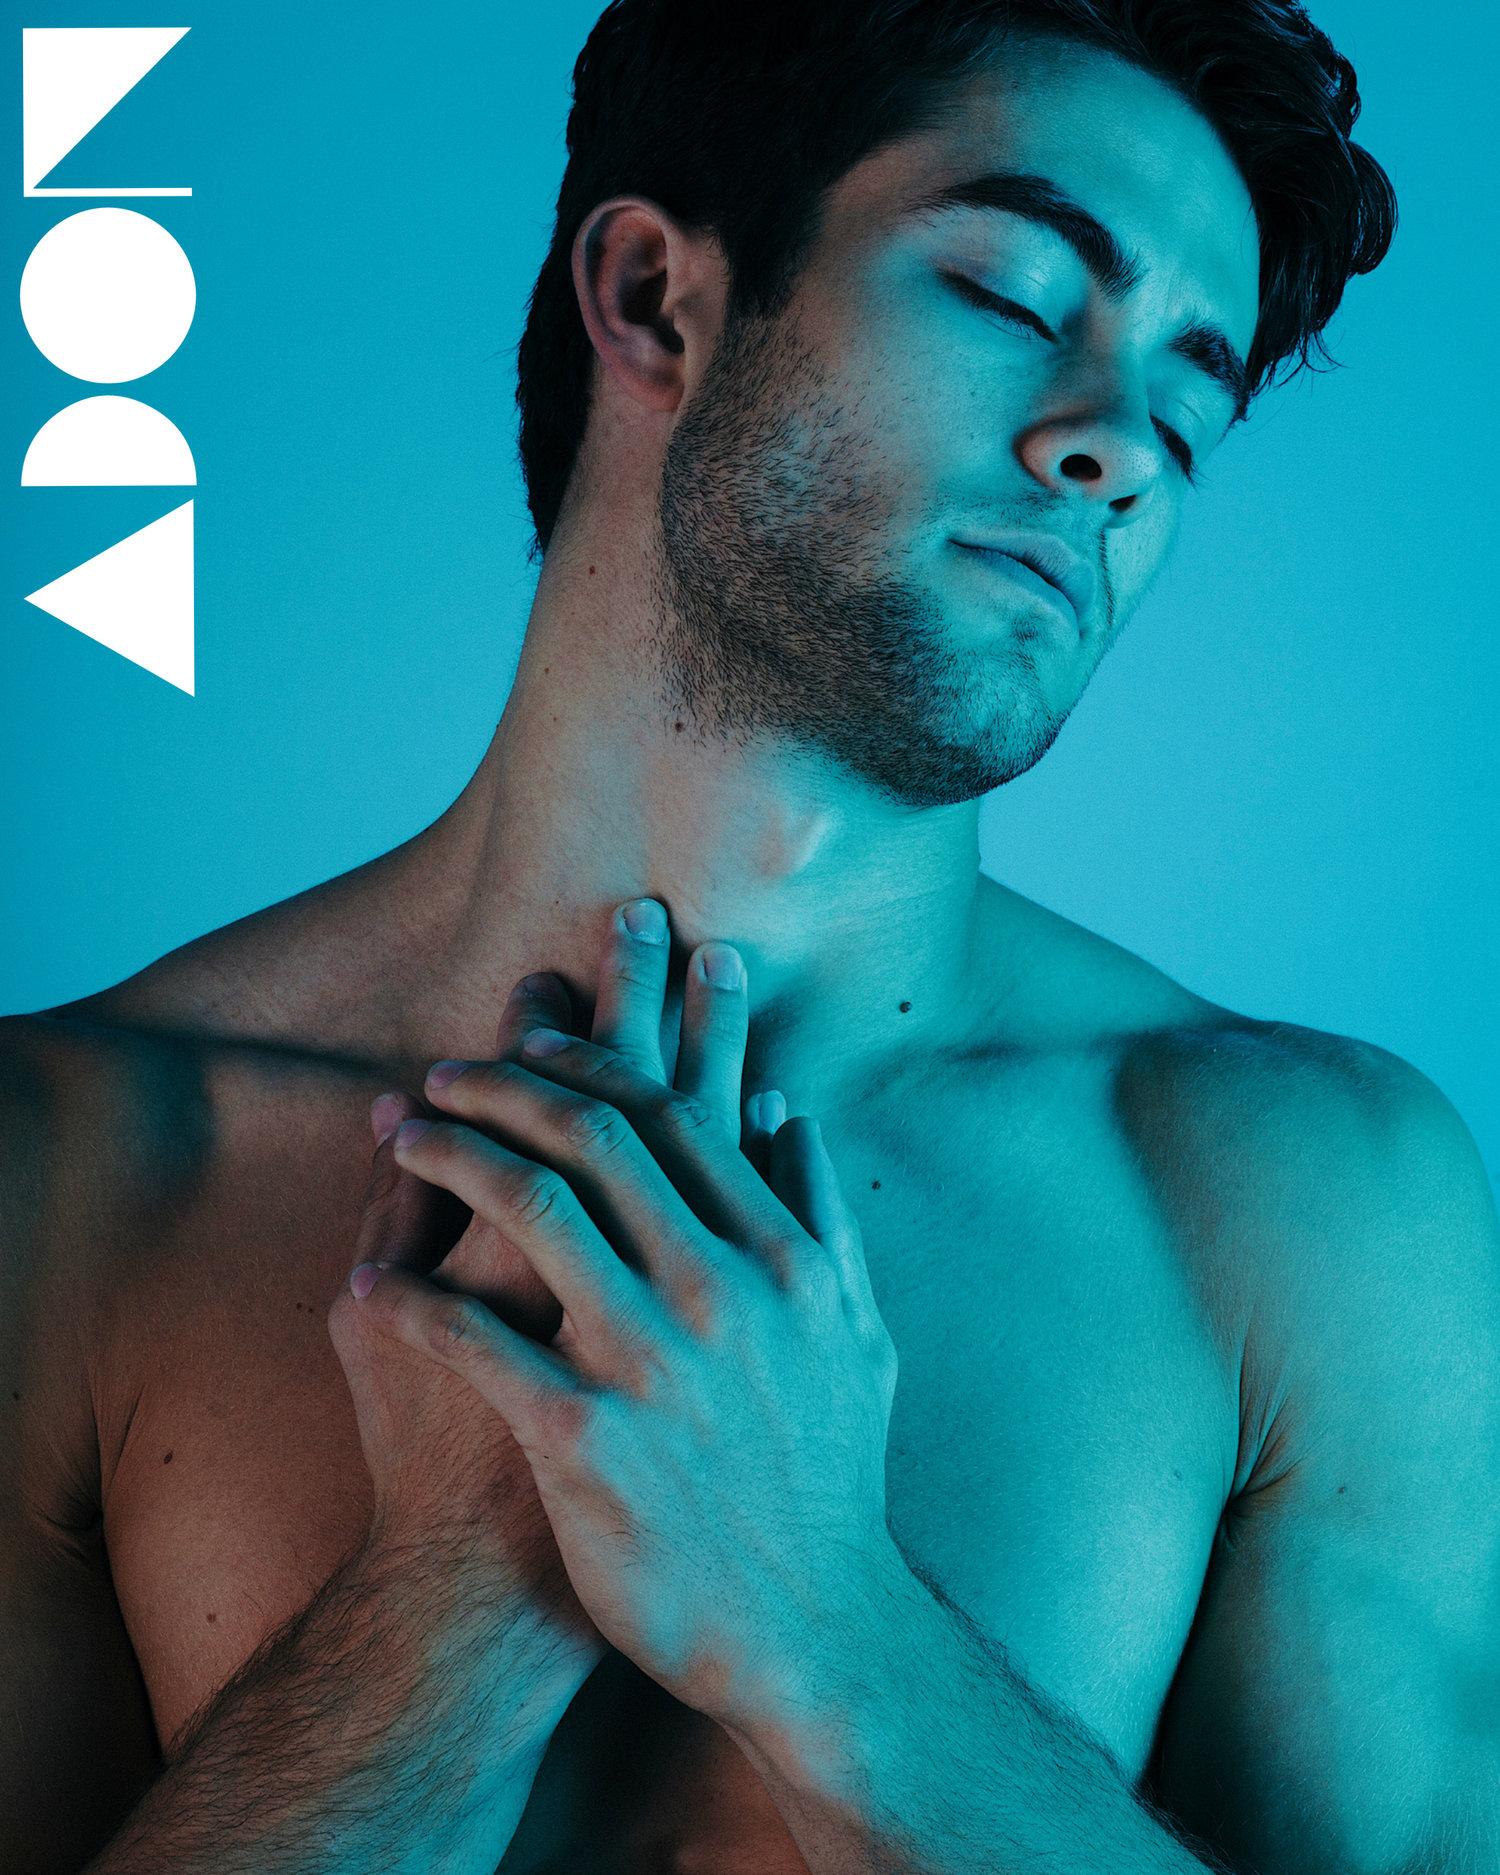 Adon Exclusive: Model Garrett Westton By Ross Jordan